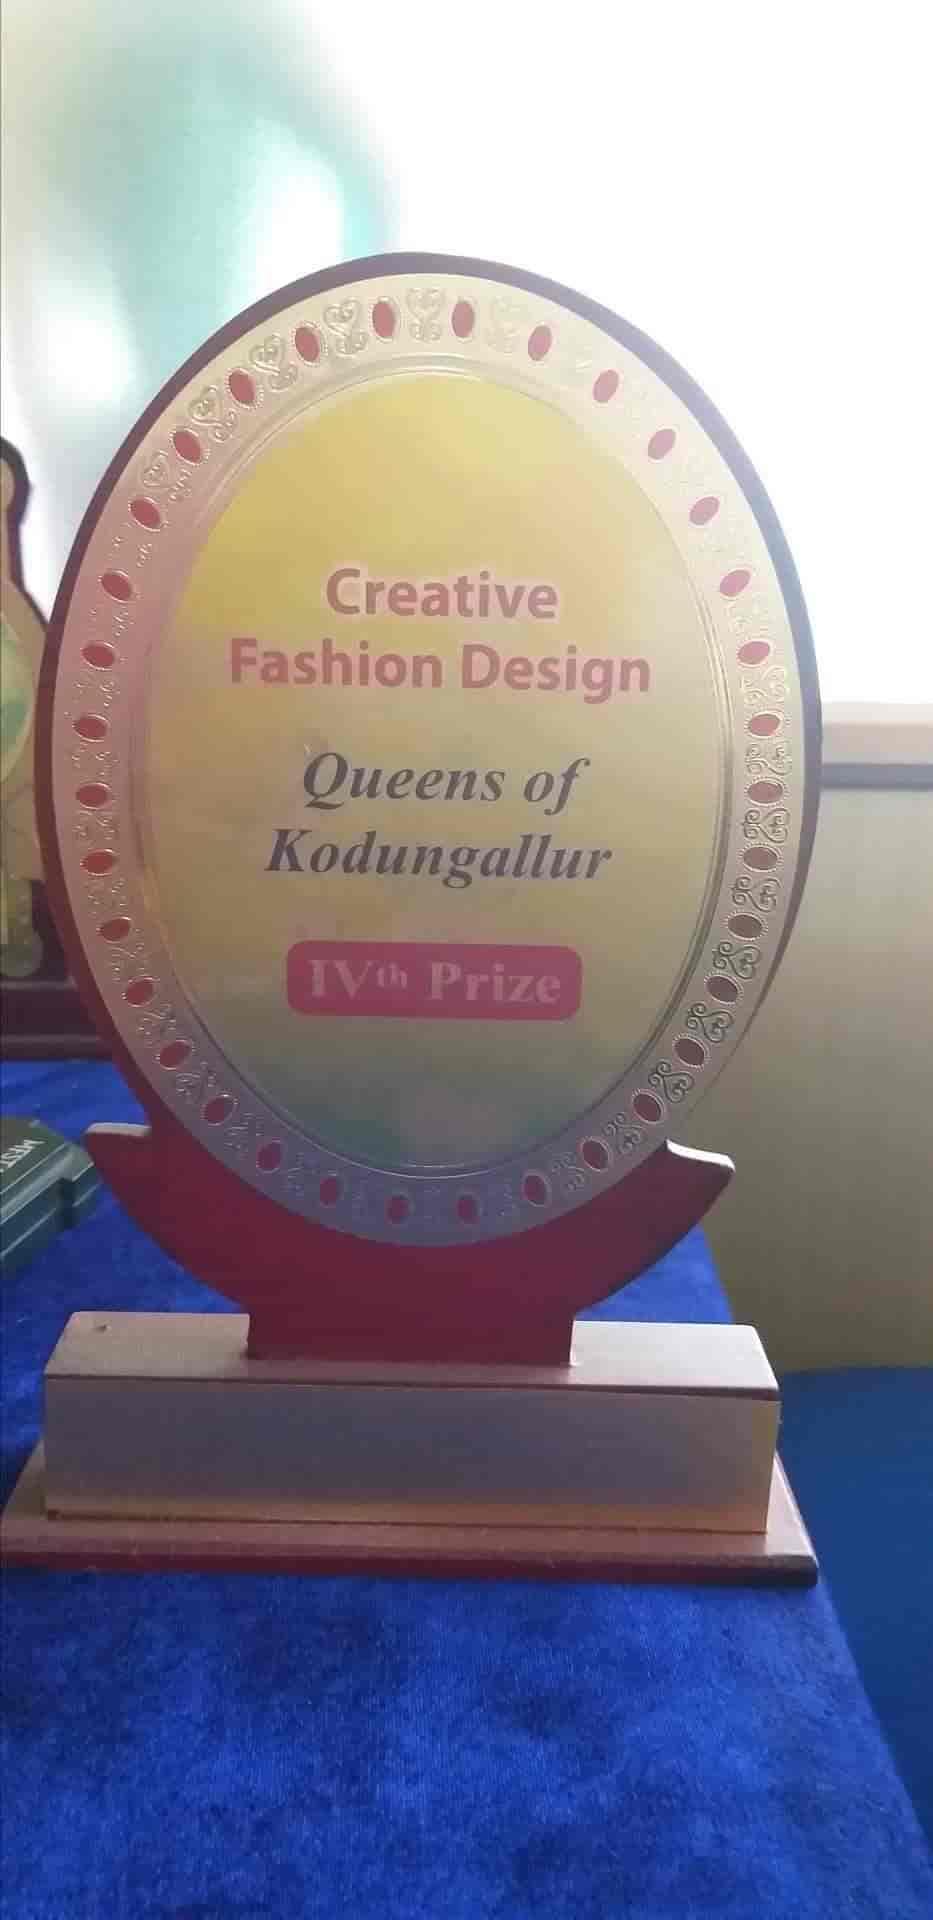 Creative Fashion Designing Institute Kodungallur Fashion Designing Institutes In Thrissur Justdial